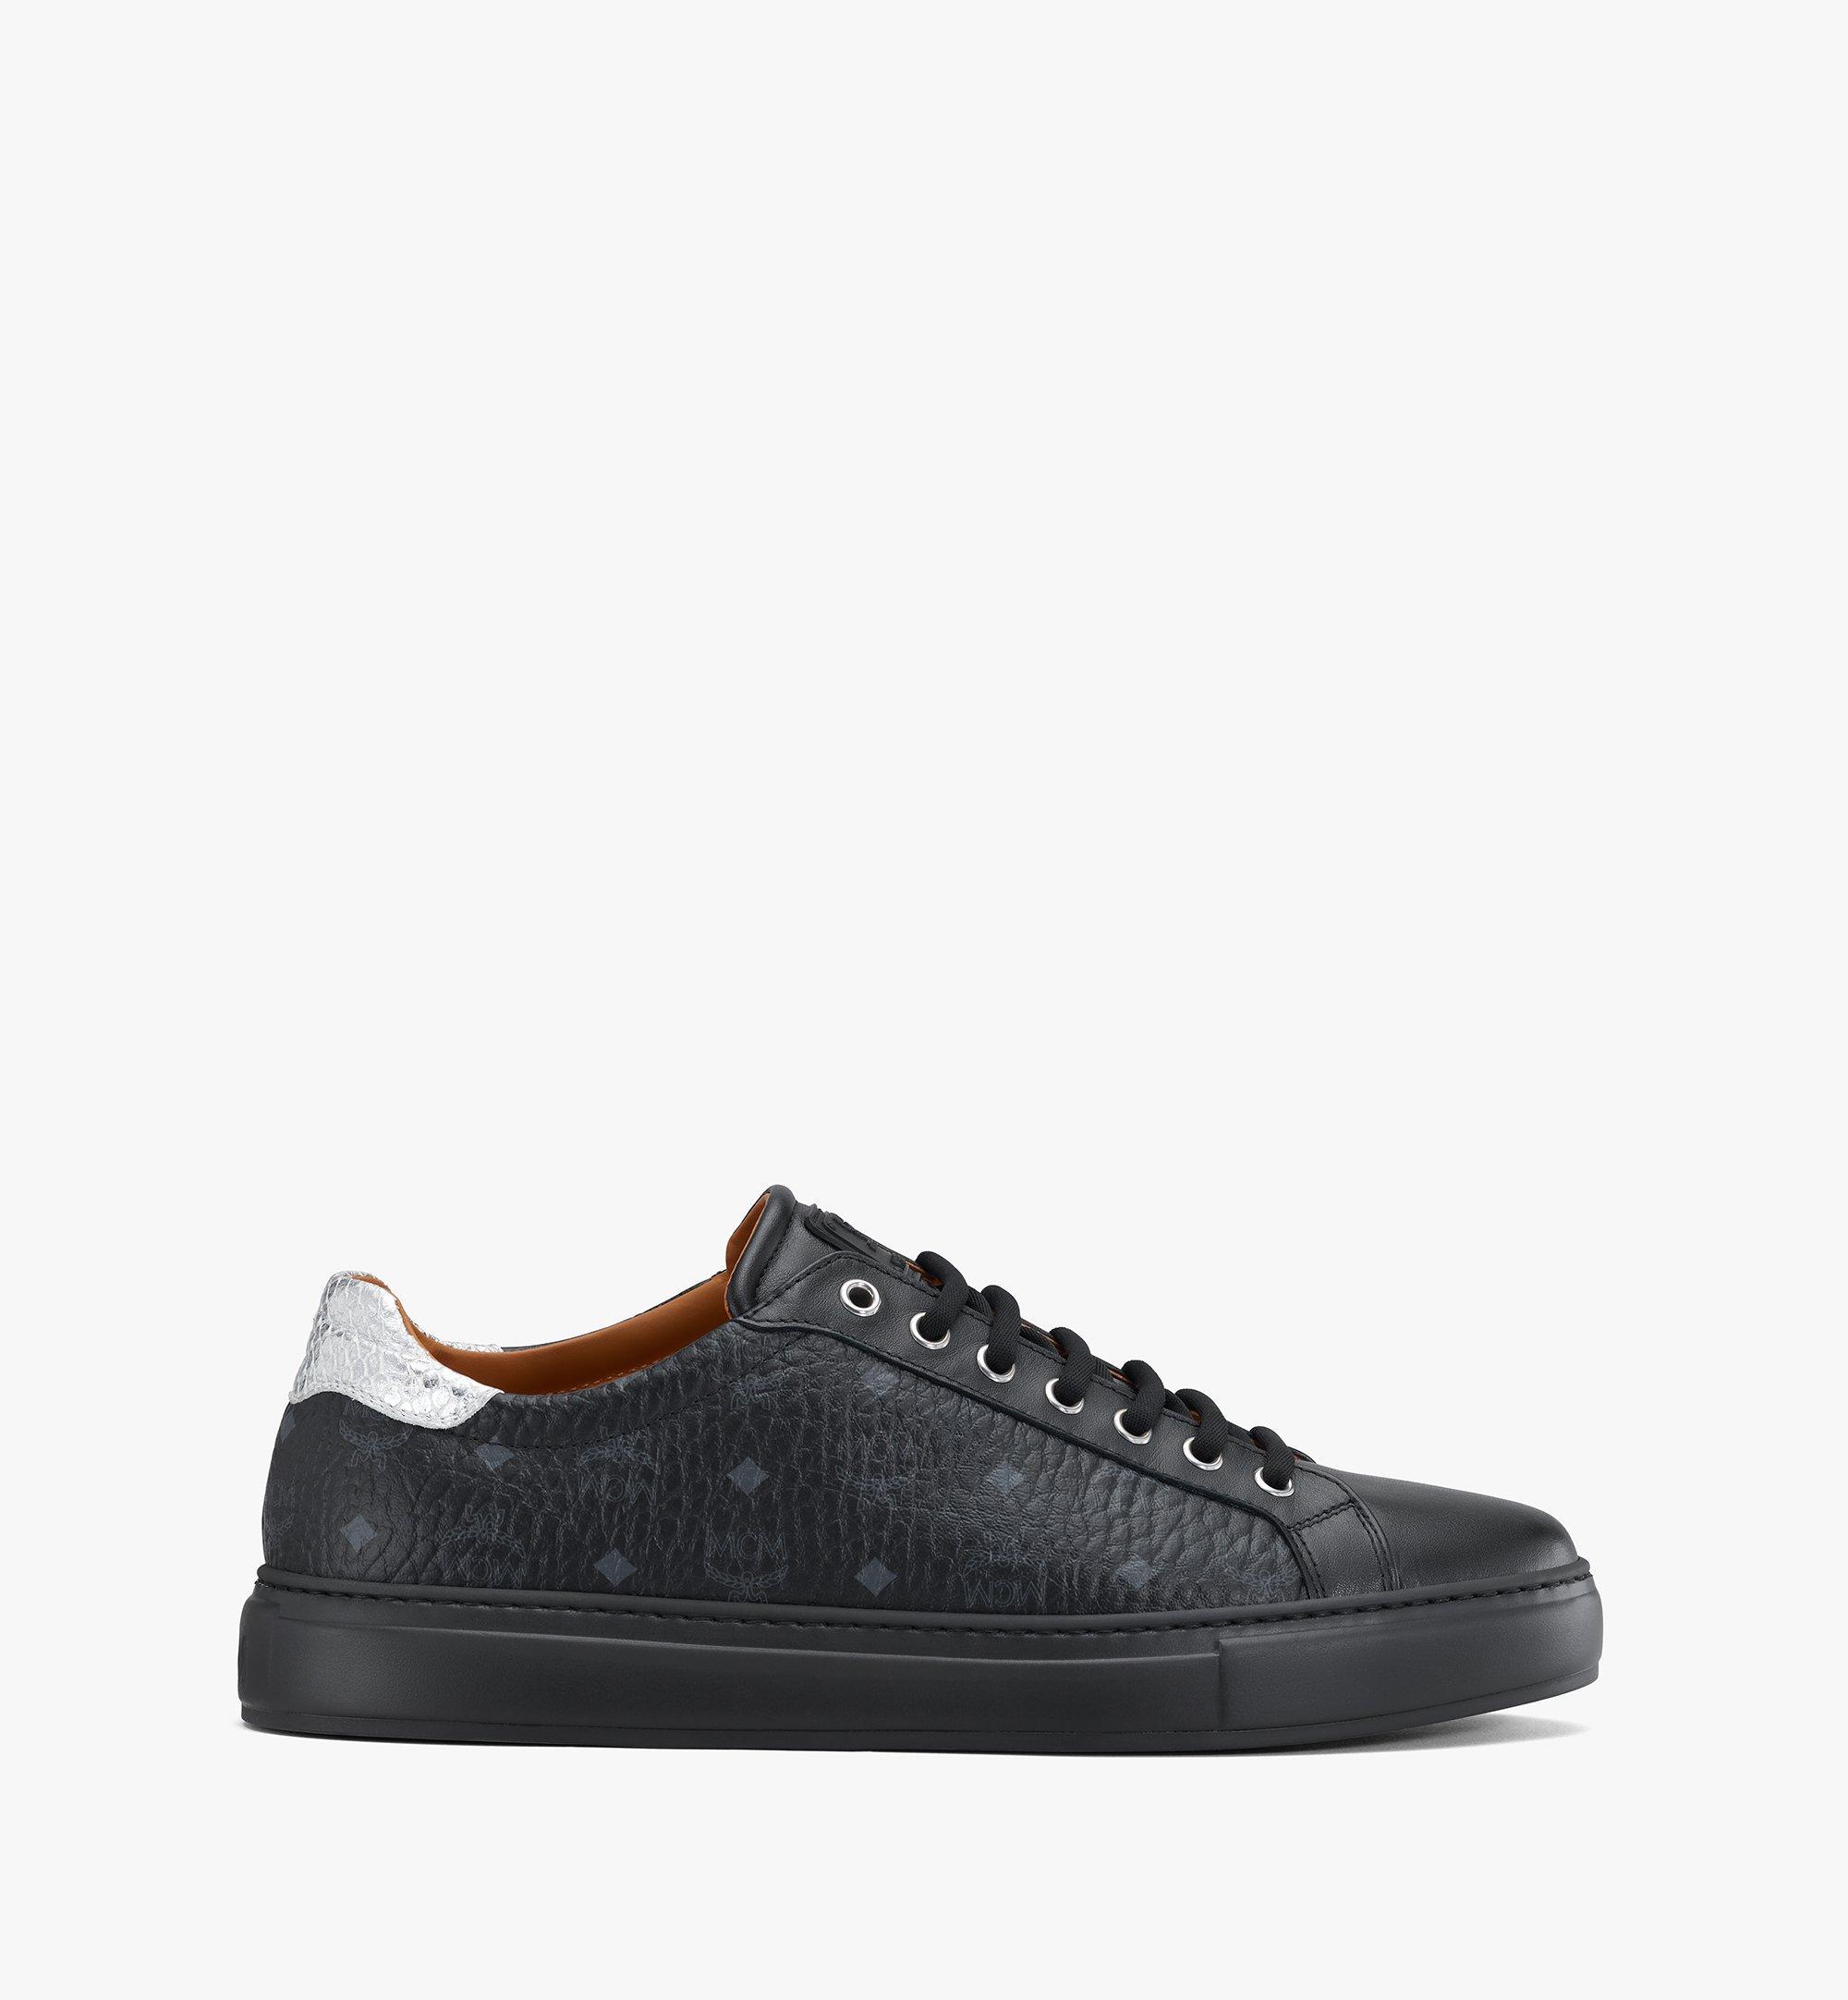 MCM Men's Low-Top Sneakers in Visetos Black MEXASMM10BK044 Alternate View 2